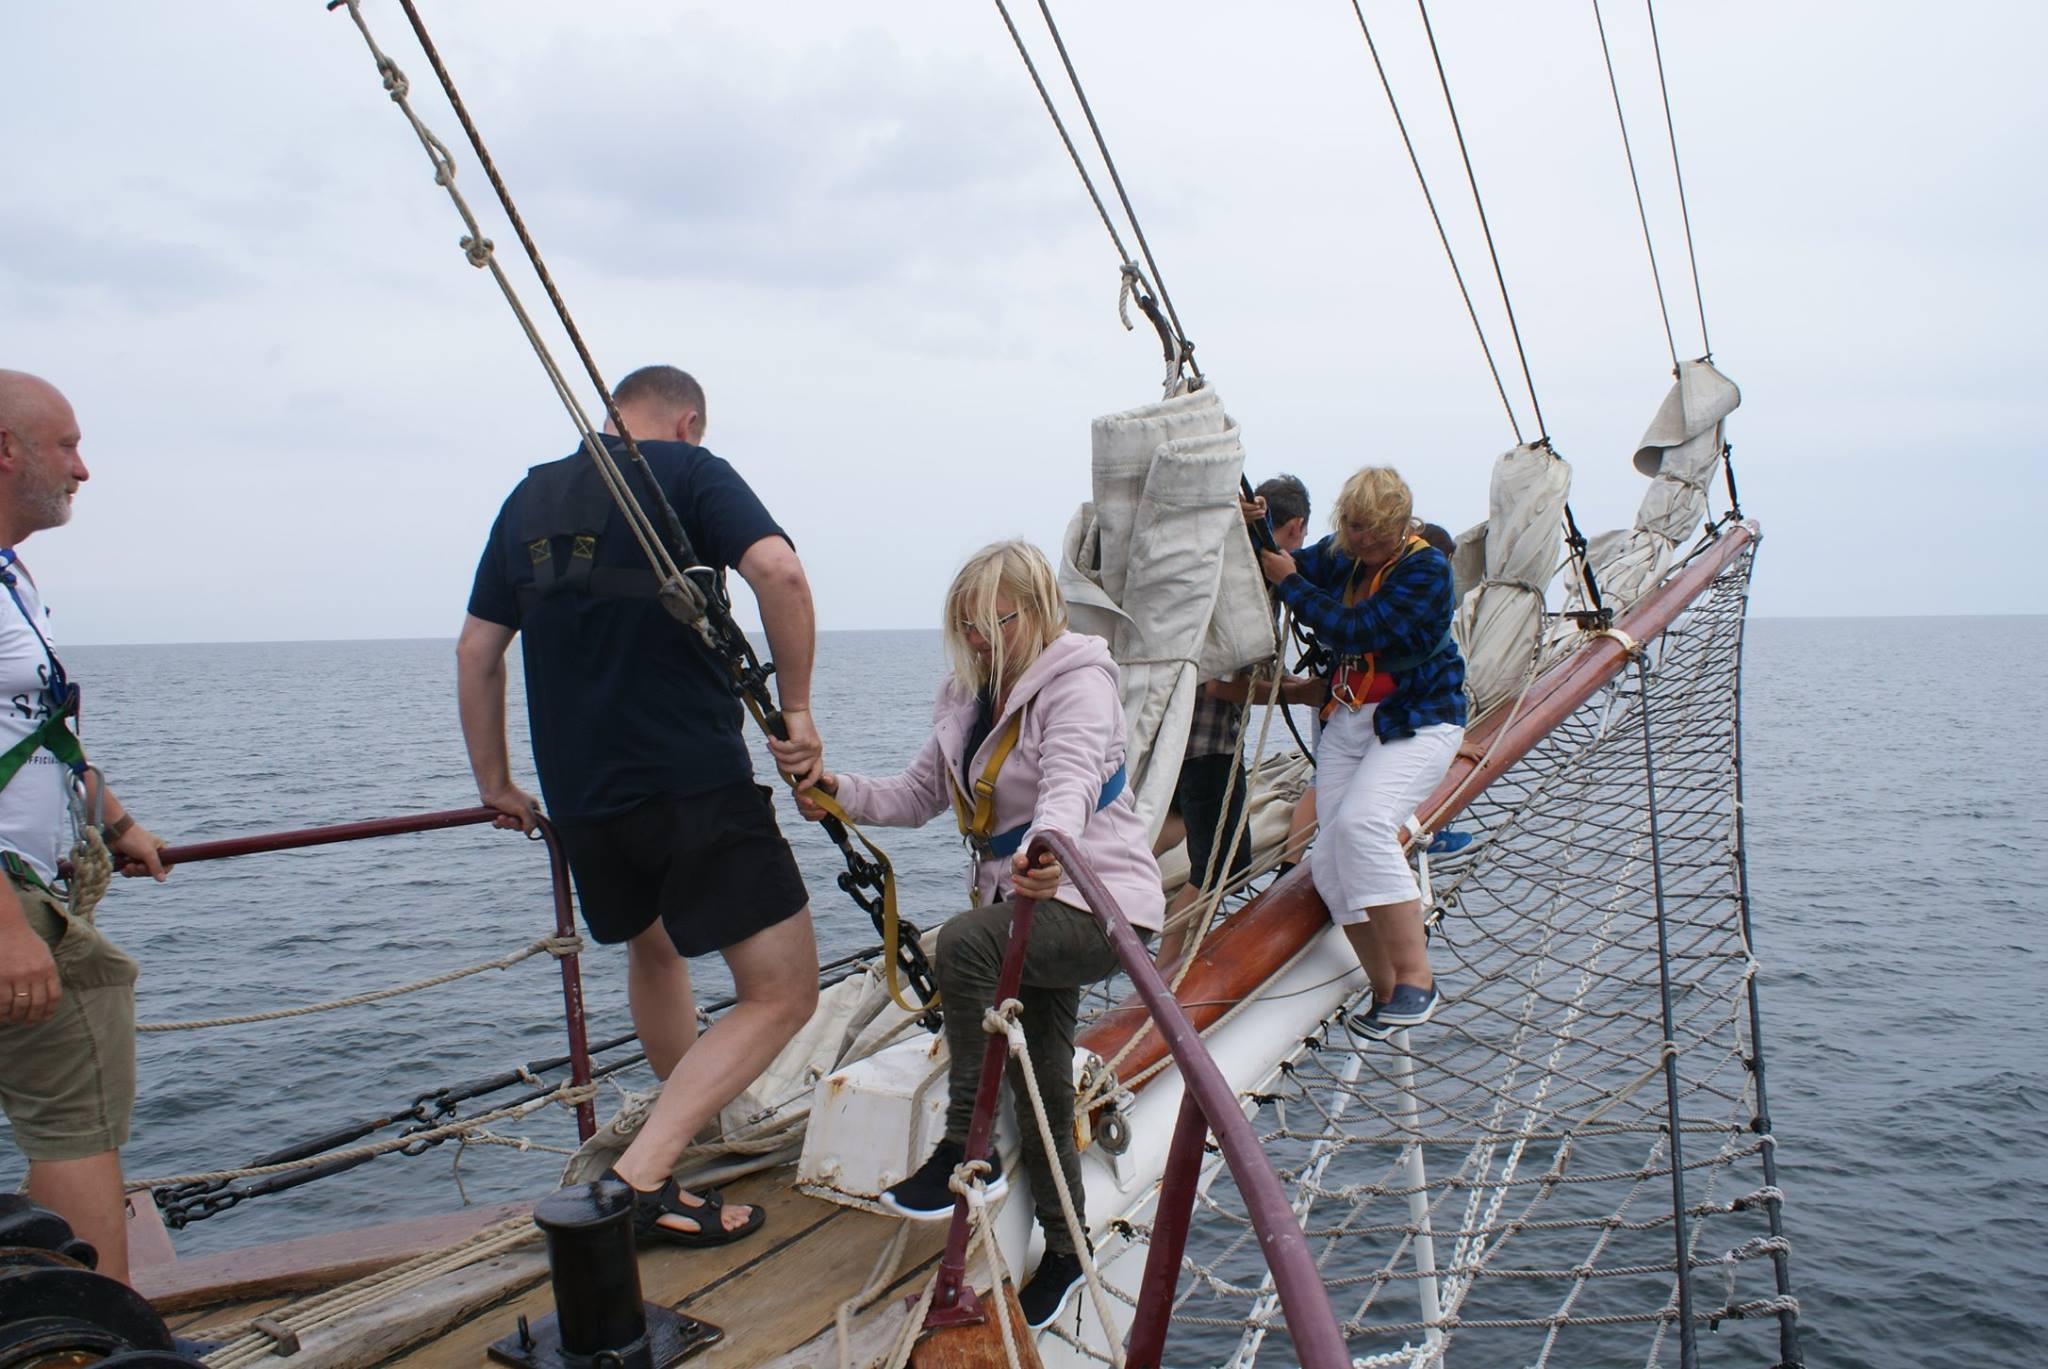 Przez tydzień czuli się jak prawdziwi żeglarze. Rejs daje nieporównywalne wrażenia